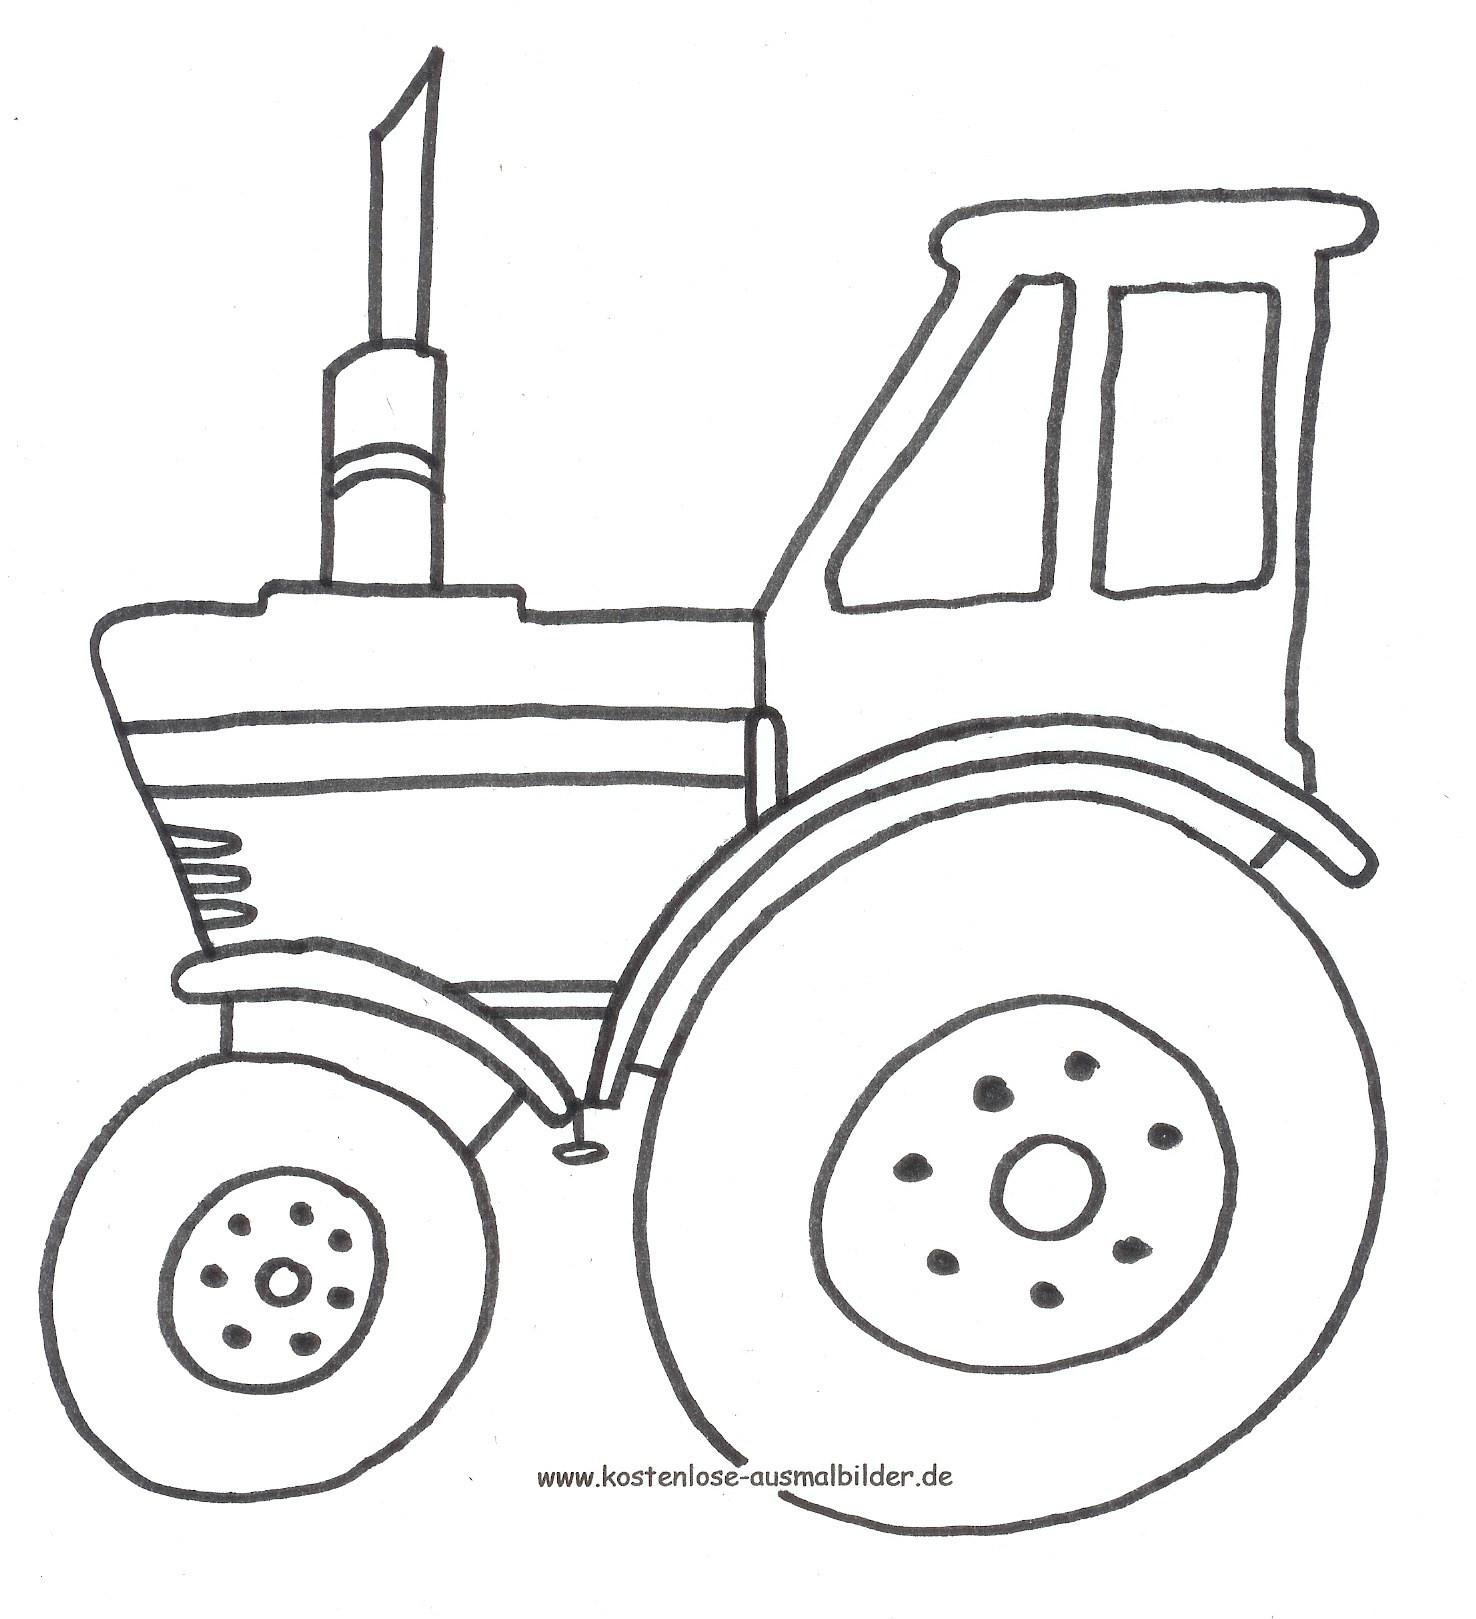 Ausmalbilder John Deere Einzigartig Ausmalbilder Traktor Fendt Kostenlos Malvorlagen Zum Ausdrucken Bei Fotografieren